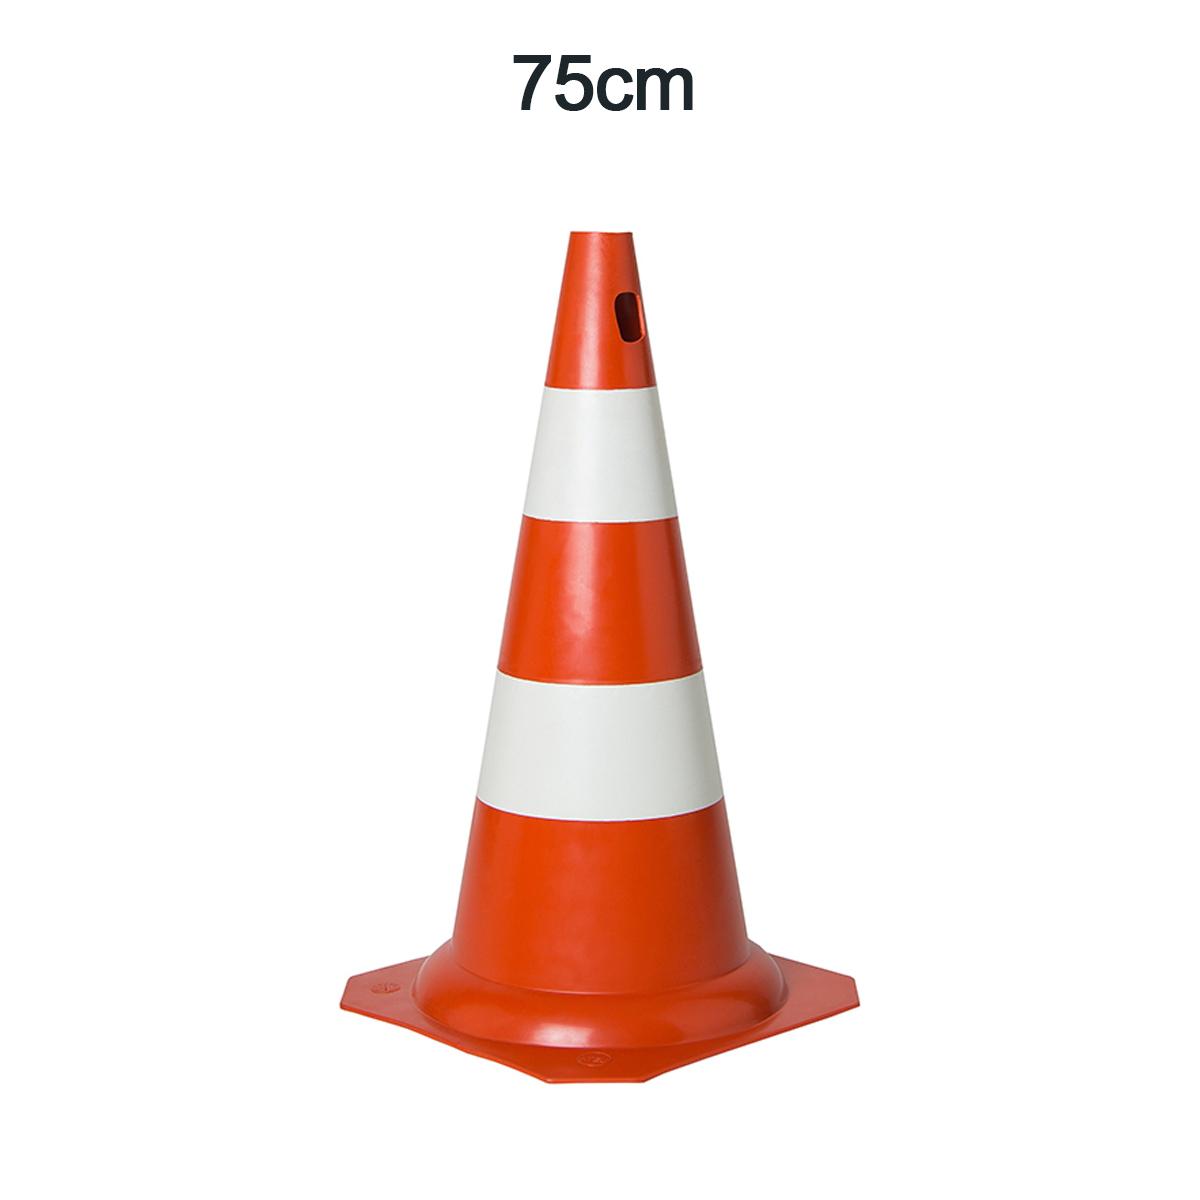 Cone 75cm lar/bco PVC